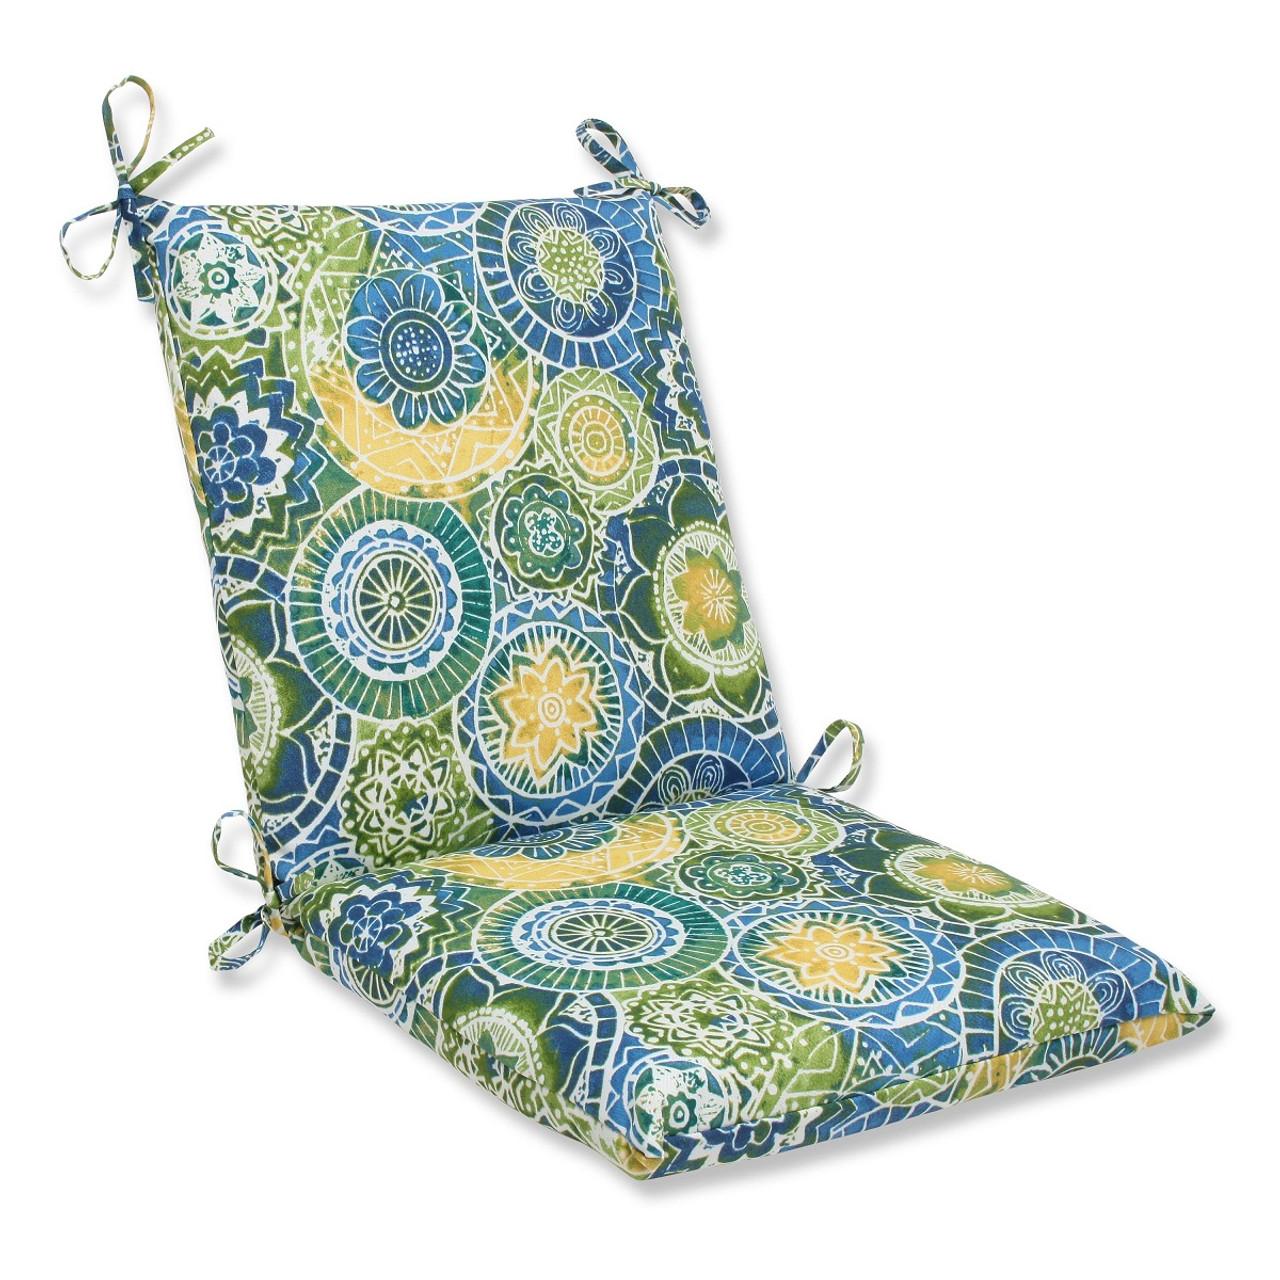 36 5 laguna mosaico blue green and yellow outdoor patio chair cushion